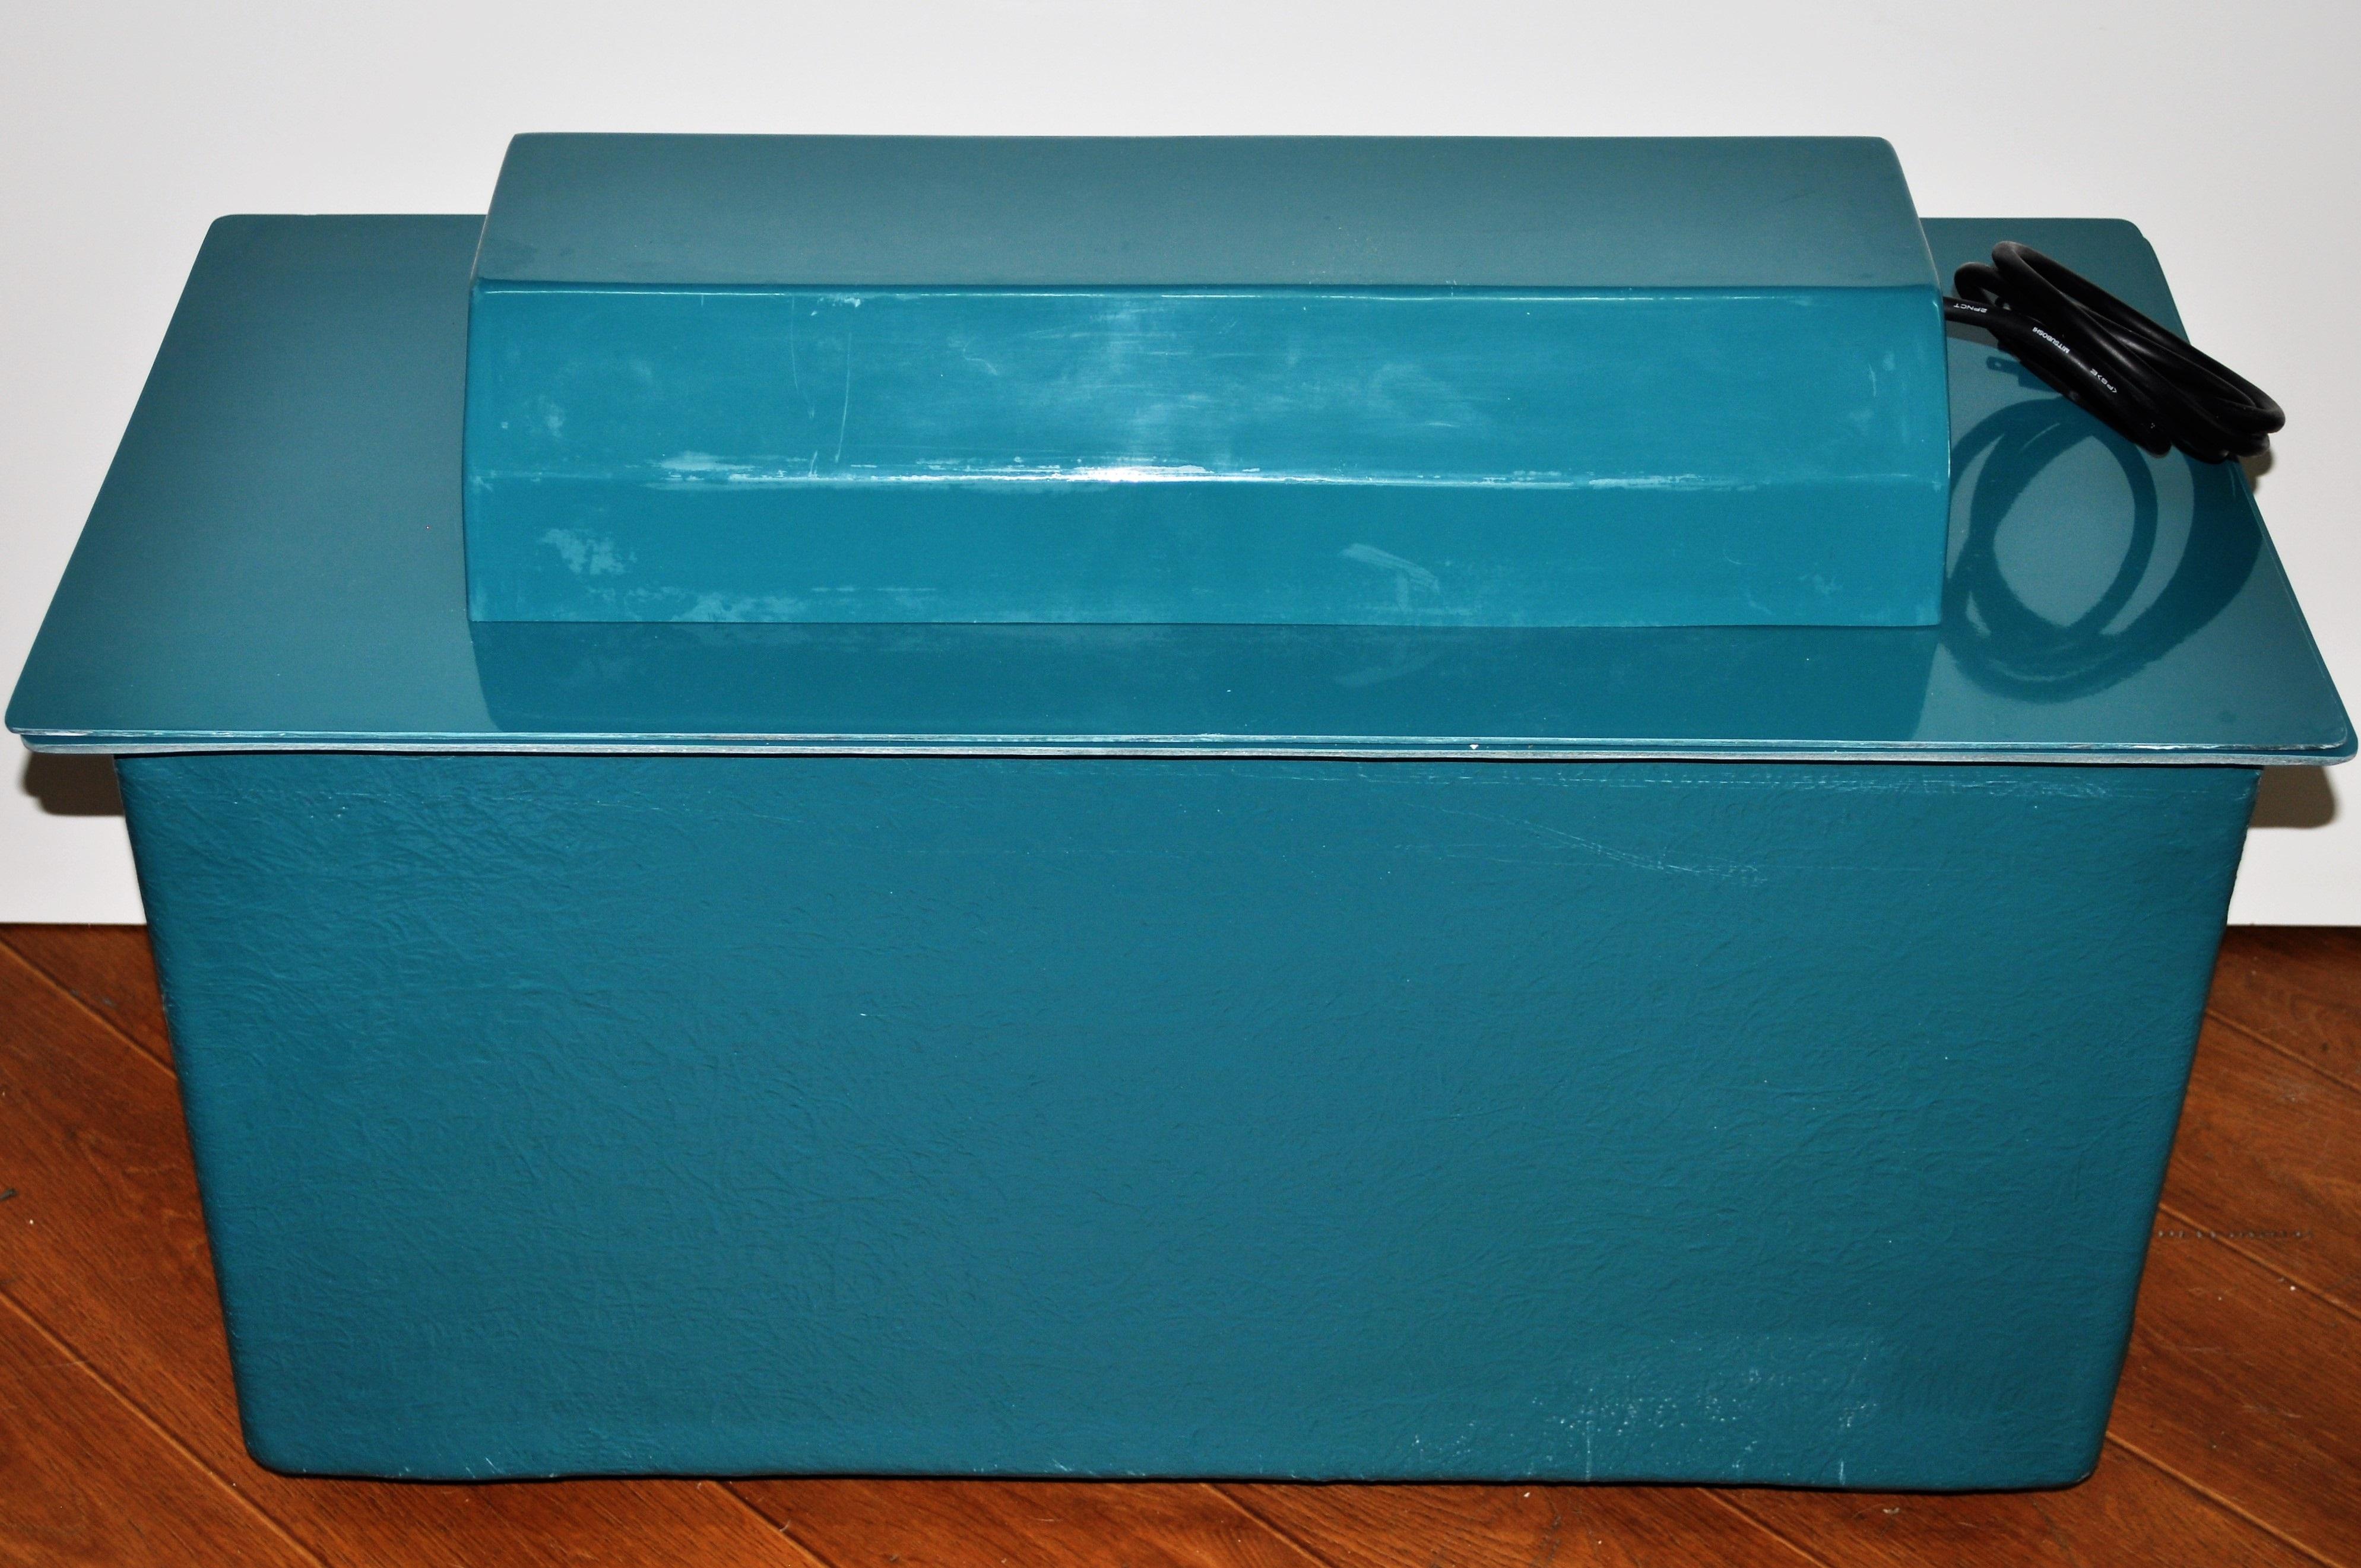 【消費税込・送料無料】 NEWクリーンボックス SD-30(15W殺菌灯2灯付) CLEAN-BOX-SD-30